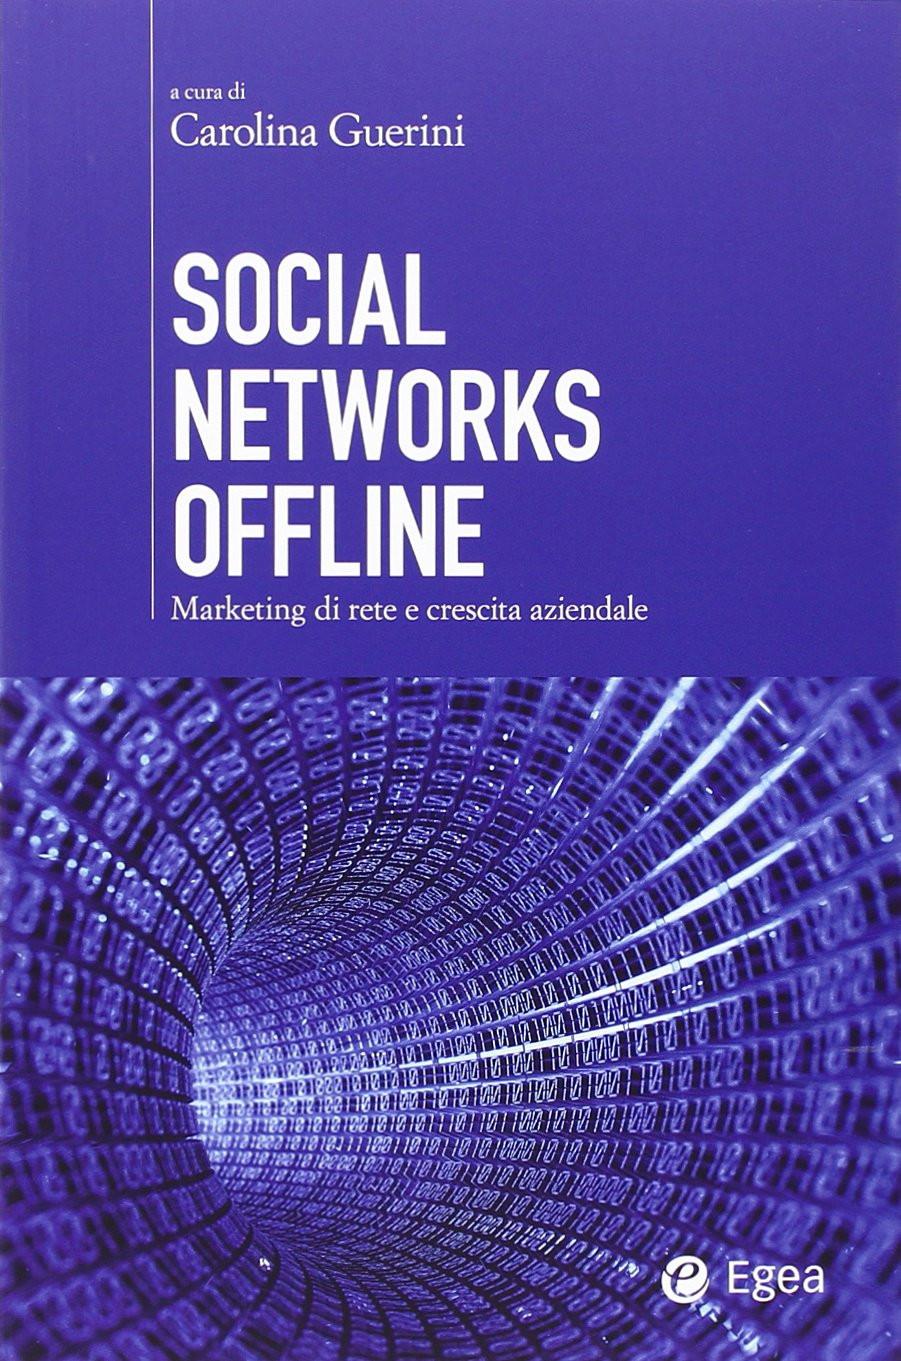 """Compra il libro """"Social Network Offline"""" su Amazon"""